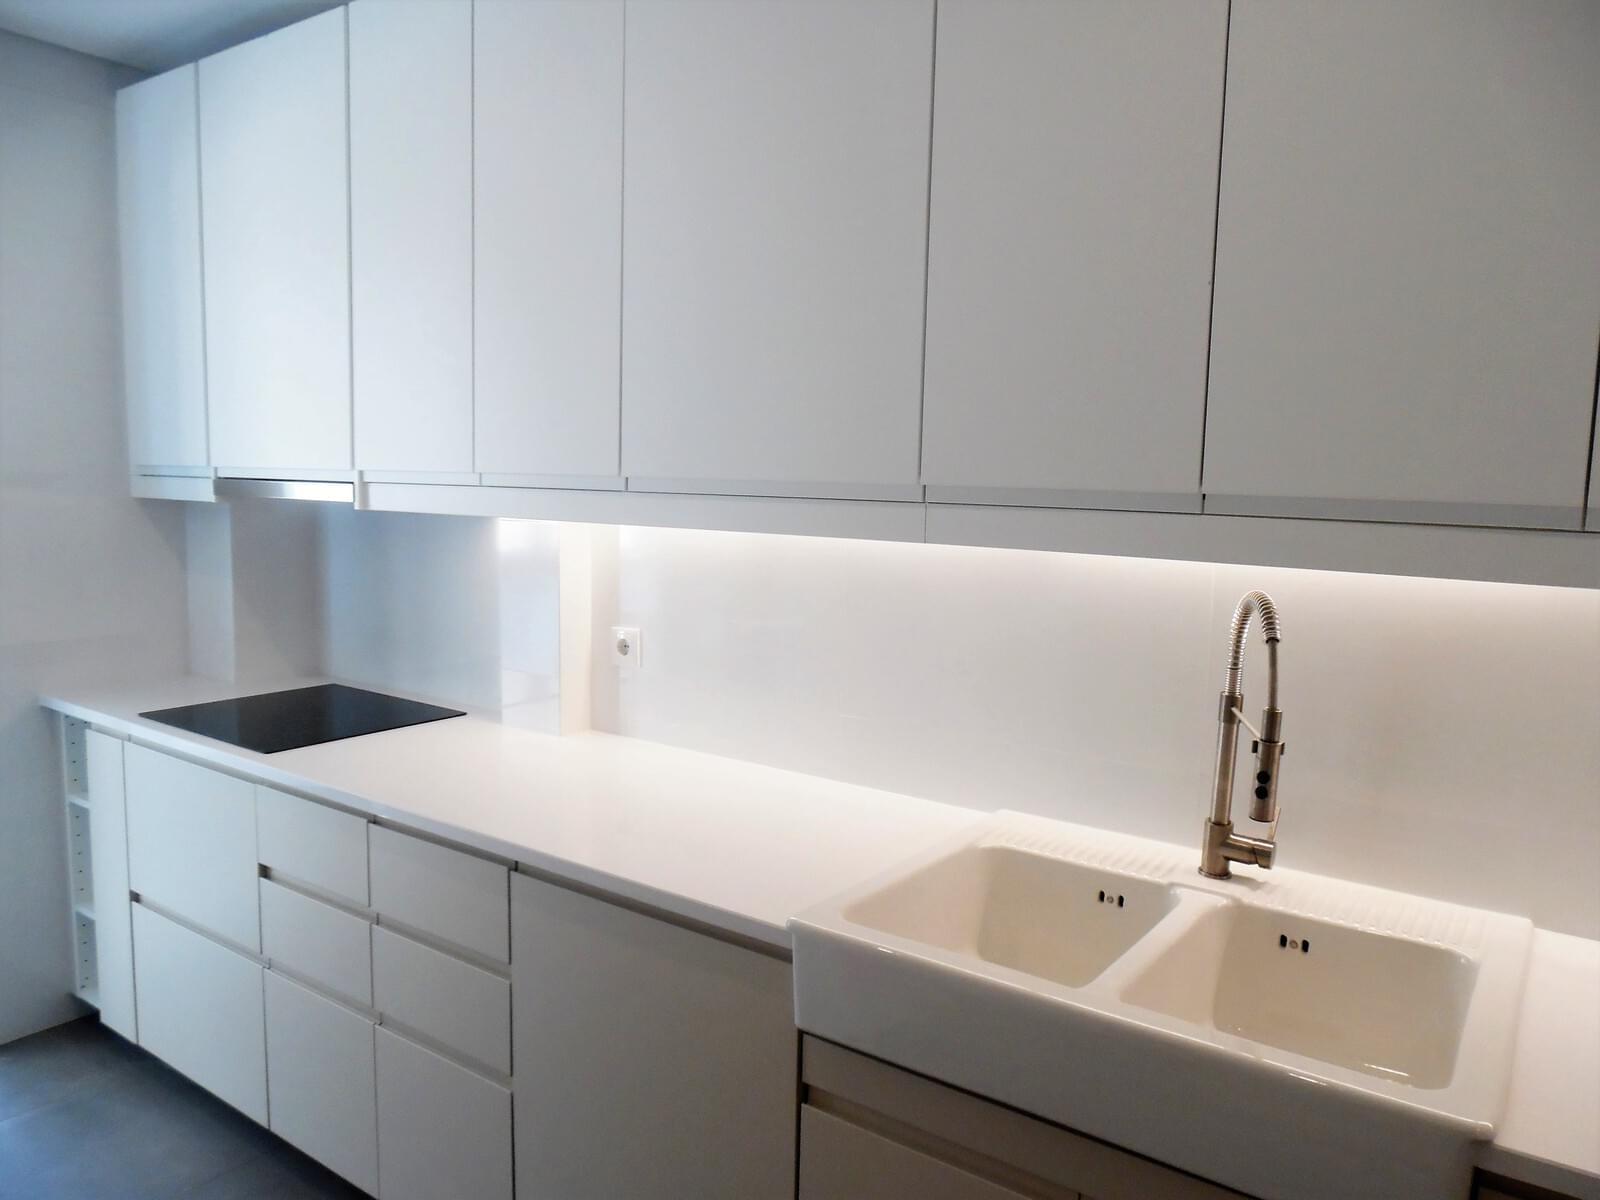 pf17621-apartamento-t4-lisboa-09238dae-df60-4460-97a3-ac47a40263ba